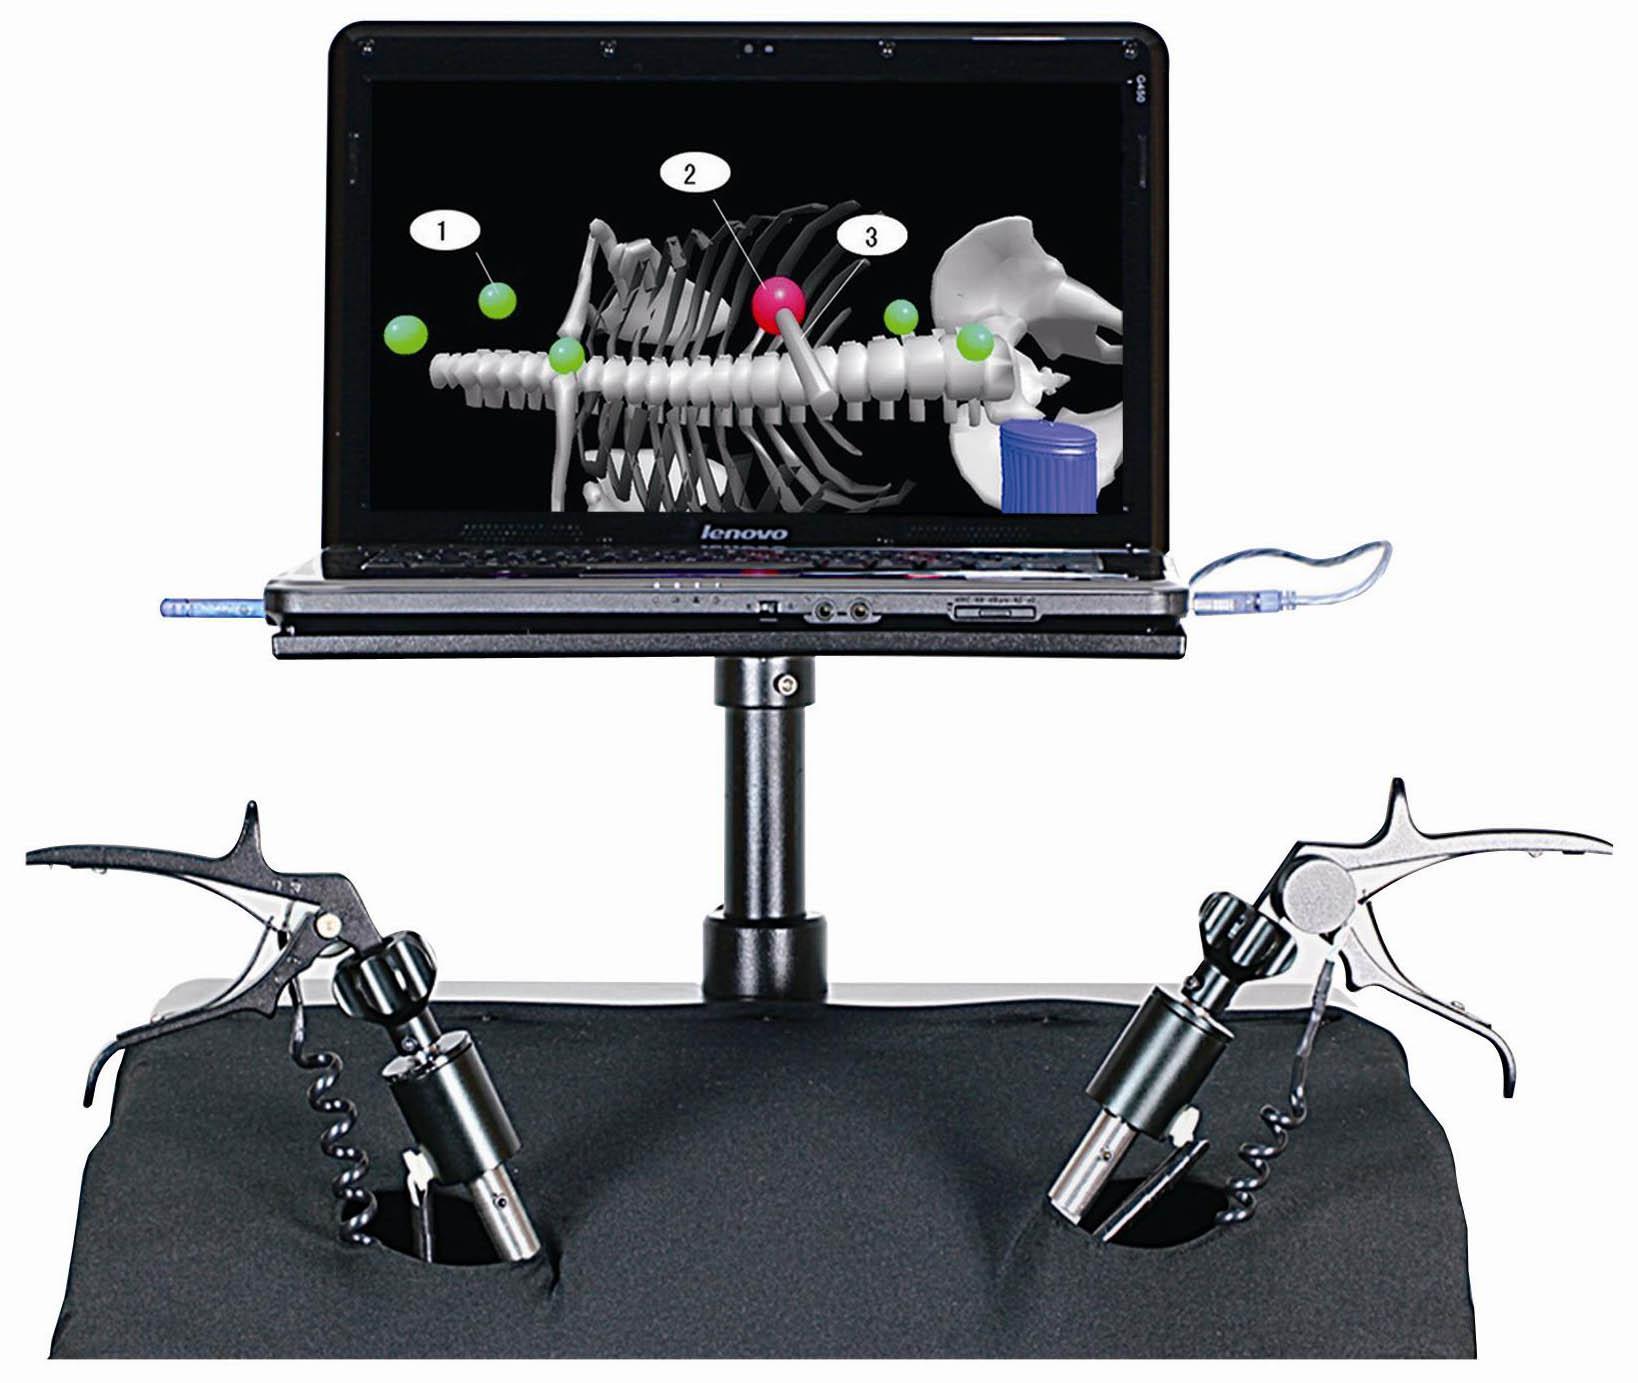 内窥镜微创手术仿真训练系统